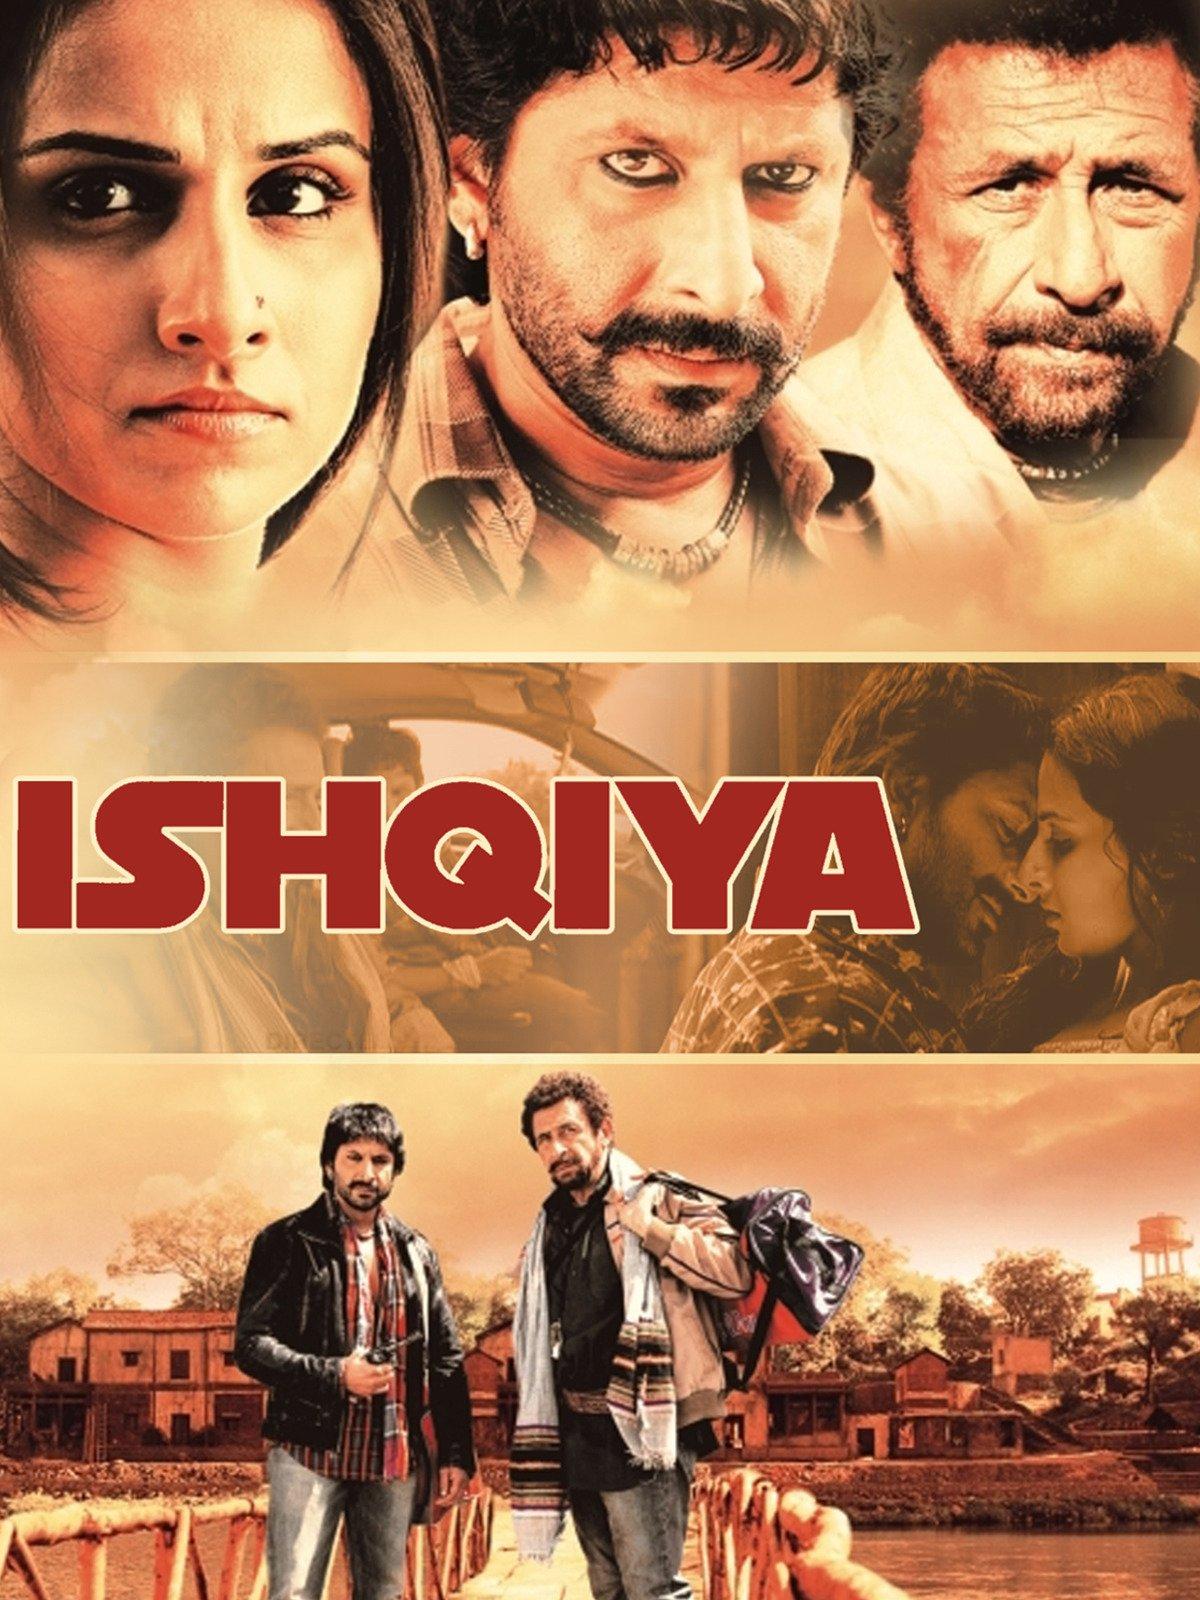 Watch Ishqiya | Prime Video